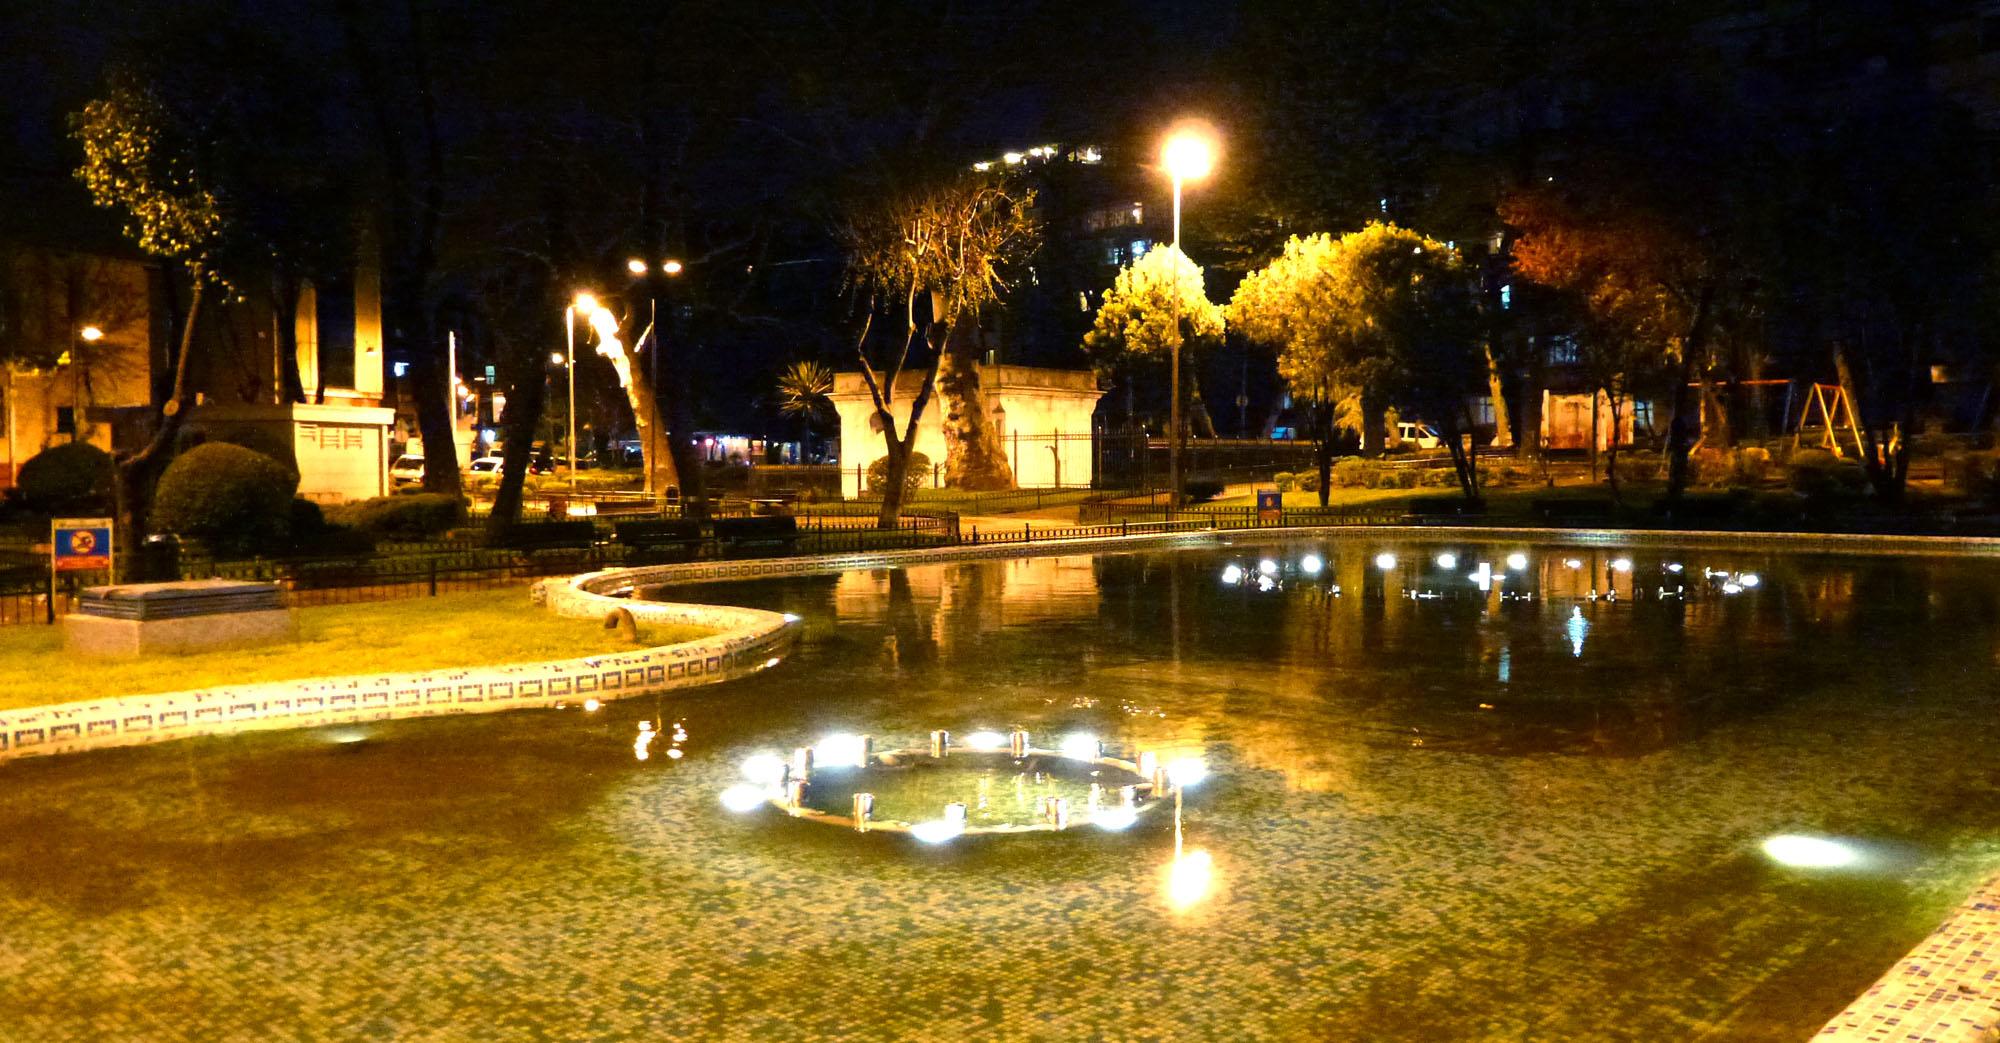 Istanbul - avril 2012 - jour 1 - 054 - Kadırga Meydanı Parki